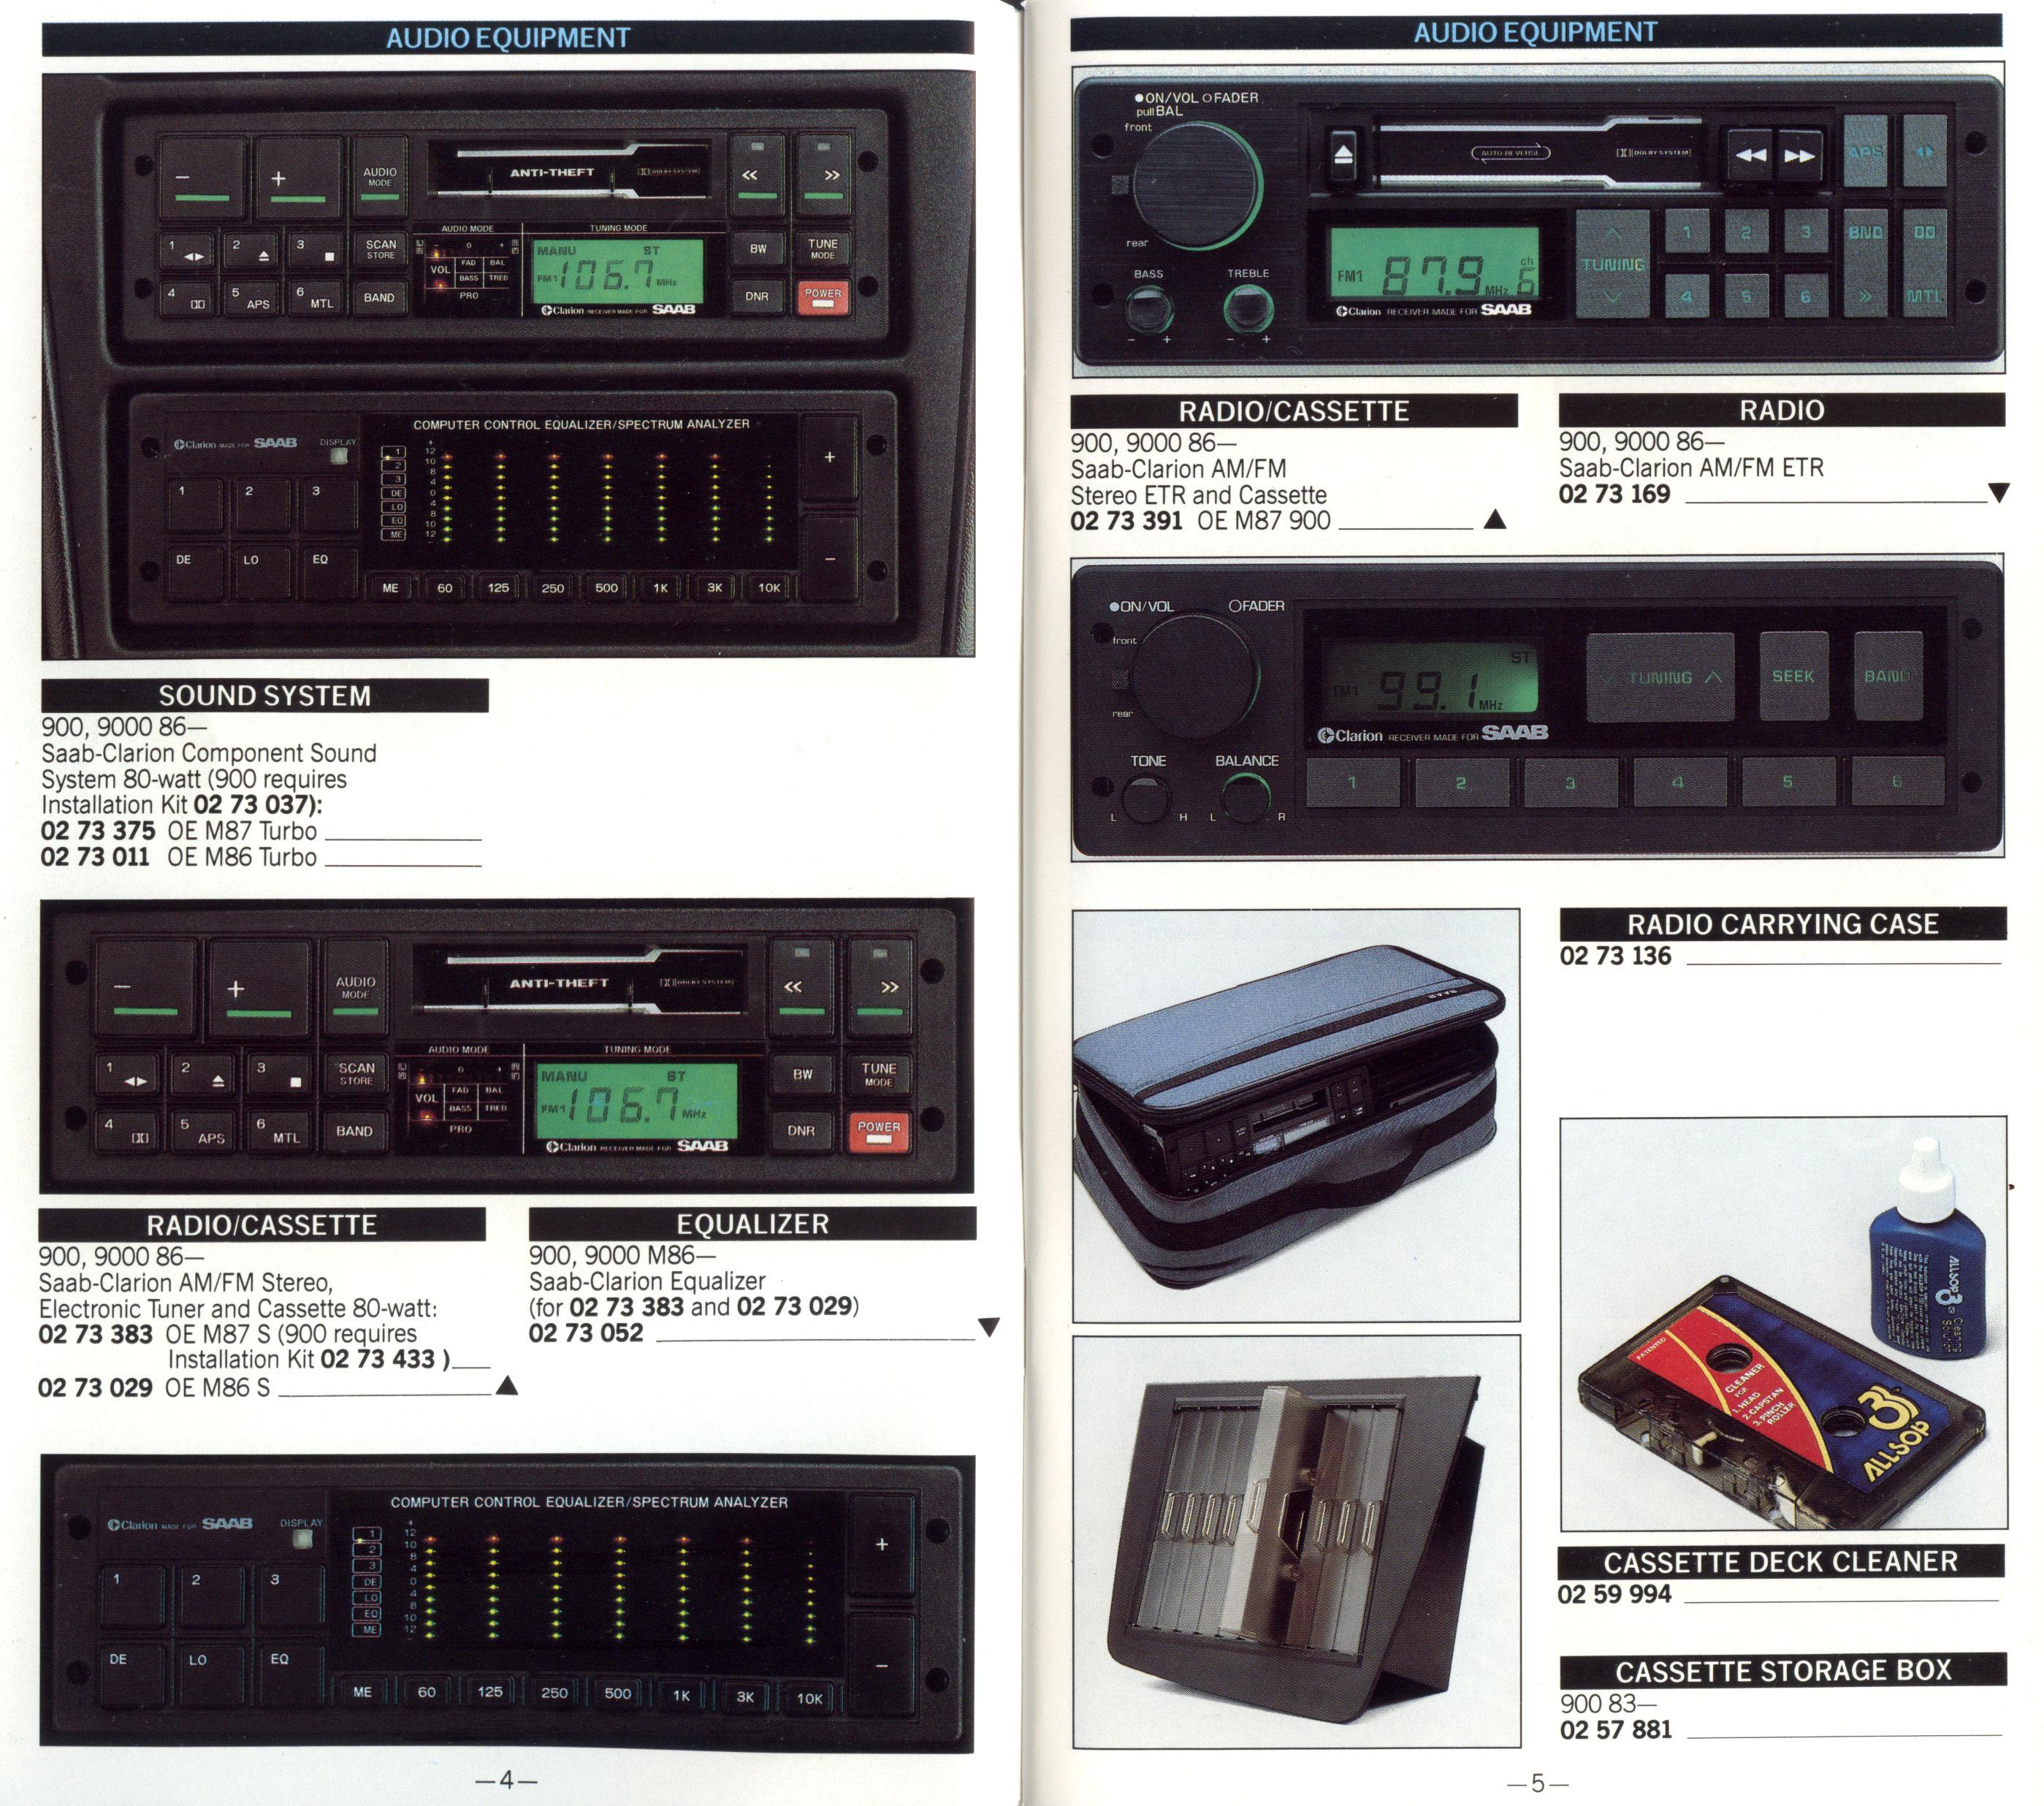 saab clarion audio system my84 94 rh saabclarion se Saab 9-5 Service Manual Saab Manual Transmission